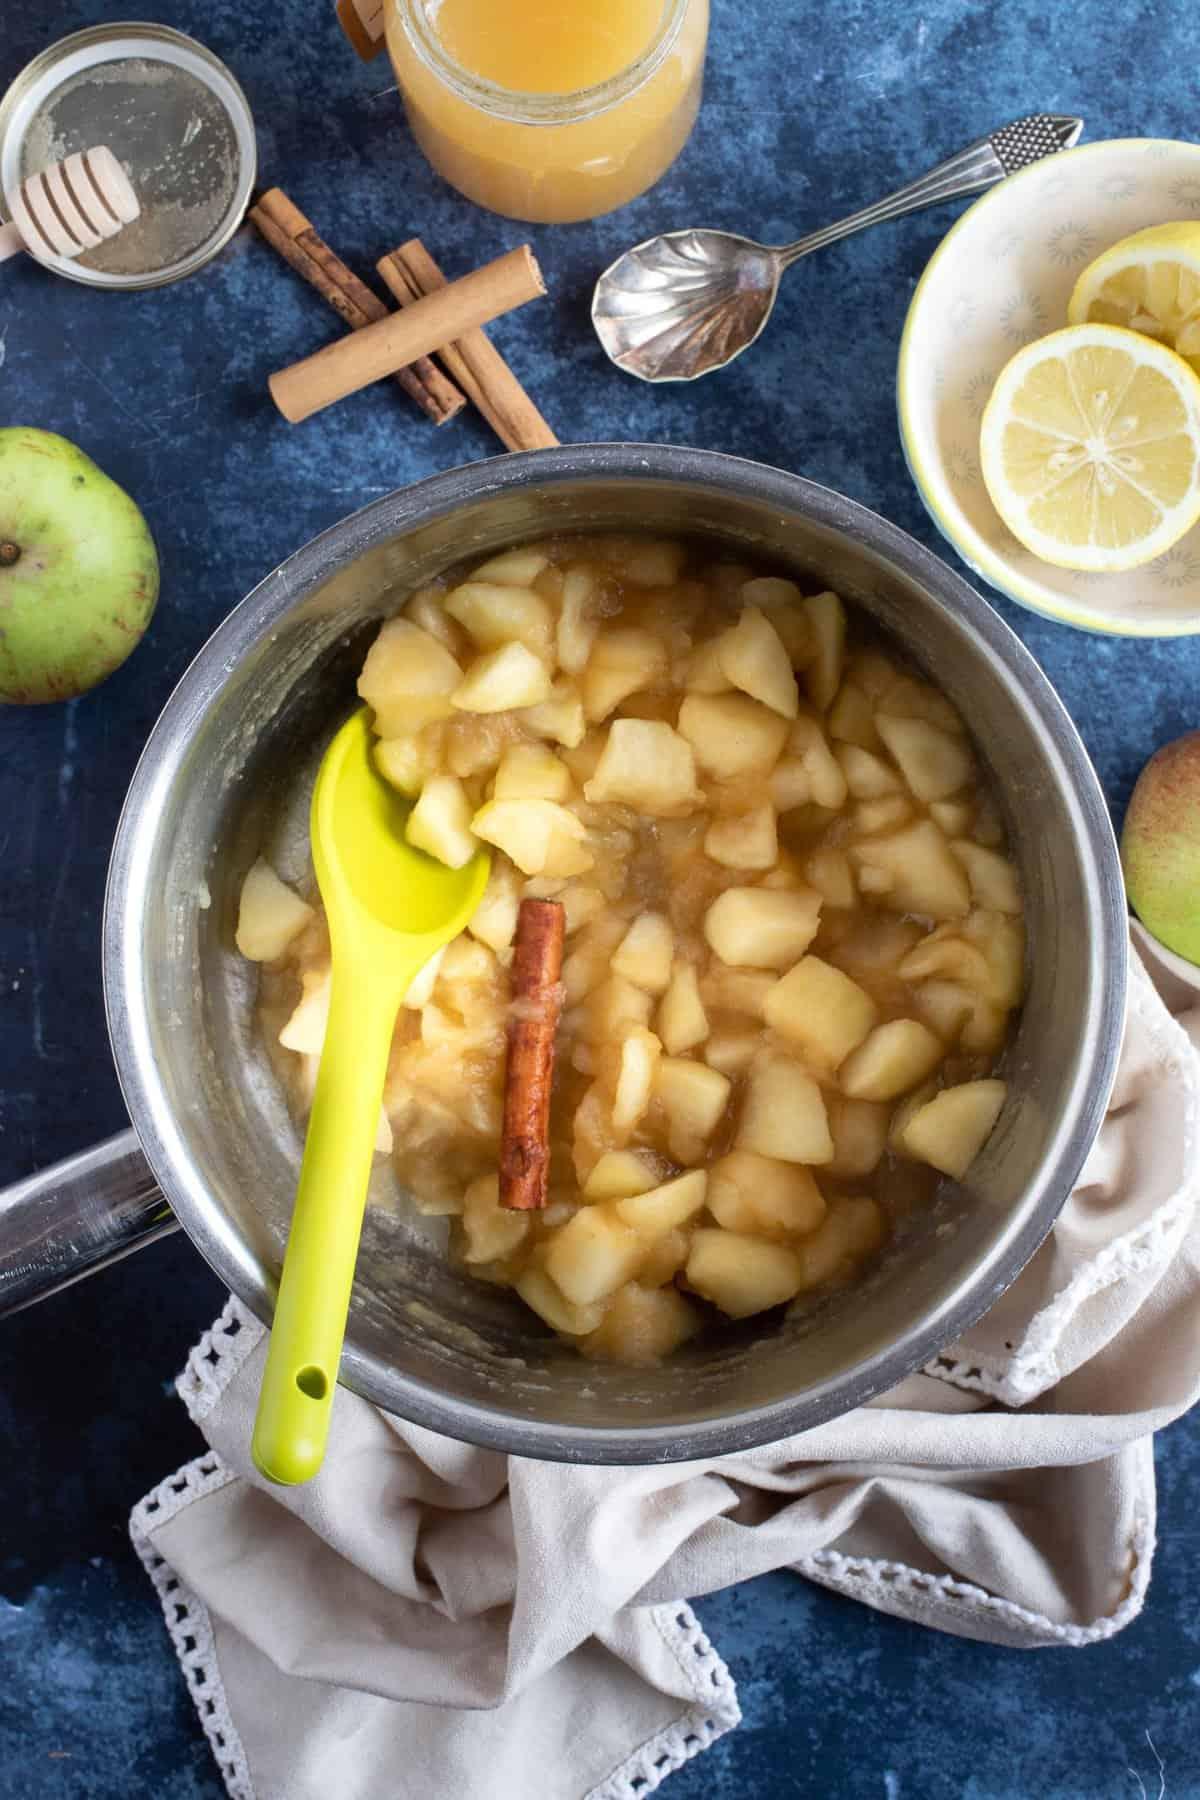 A pan of stewed apples.